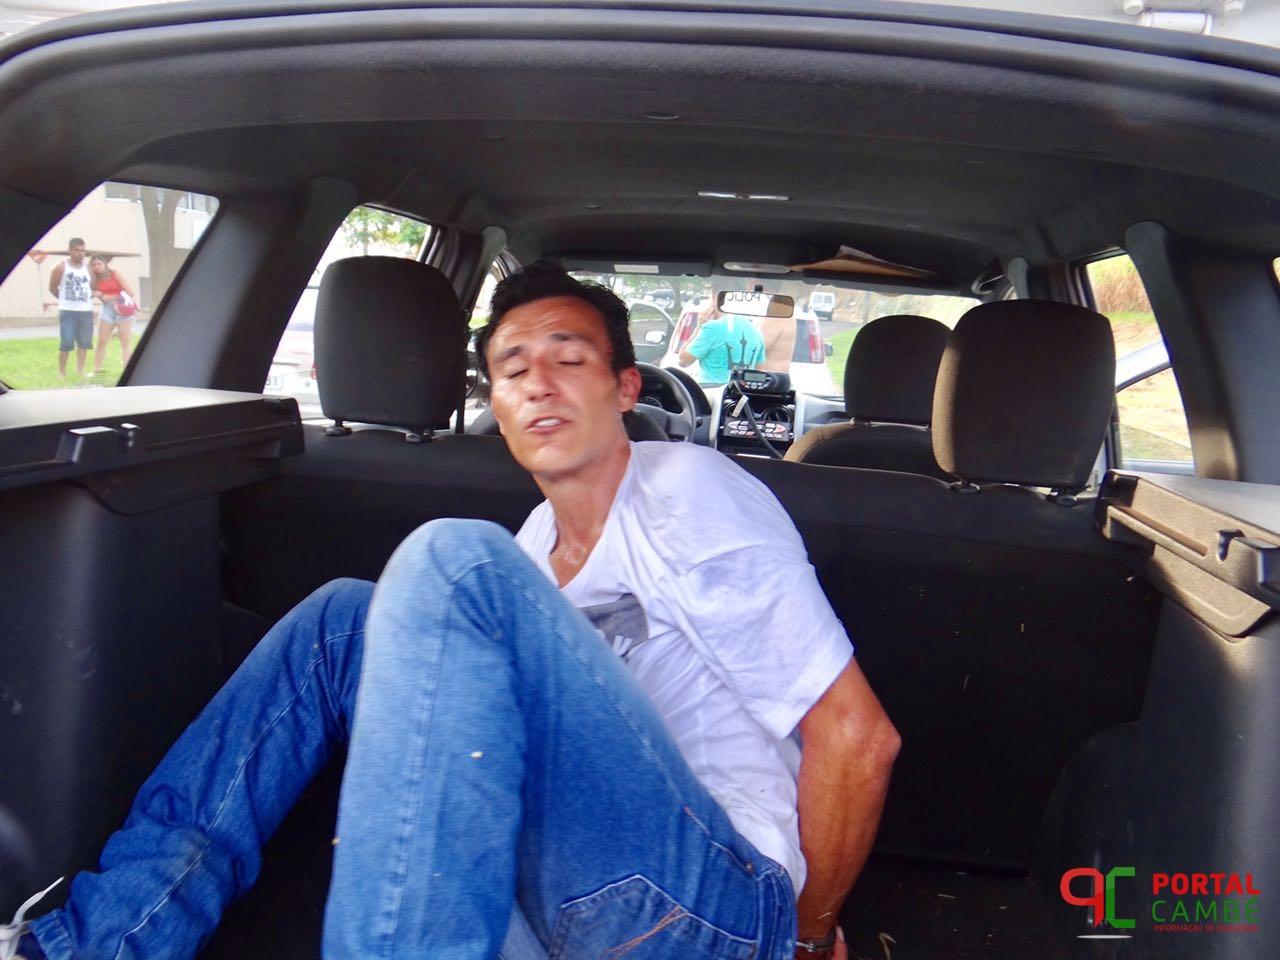 Homem suspeito é detido por populares no Conjunto Castelo Branco em Cambé após roubo de celular